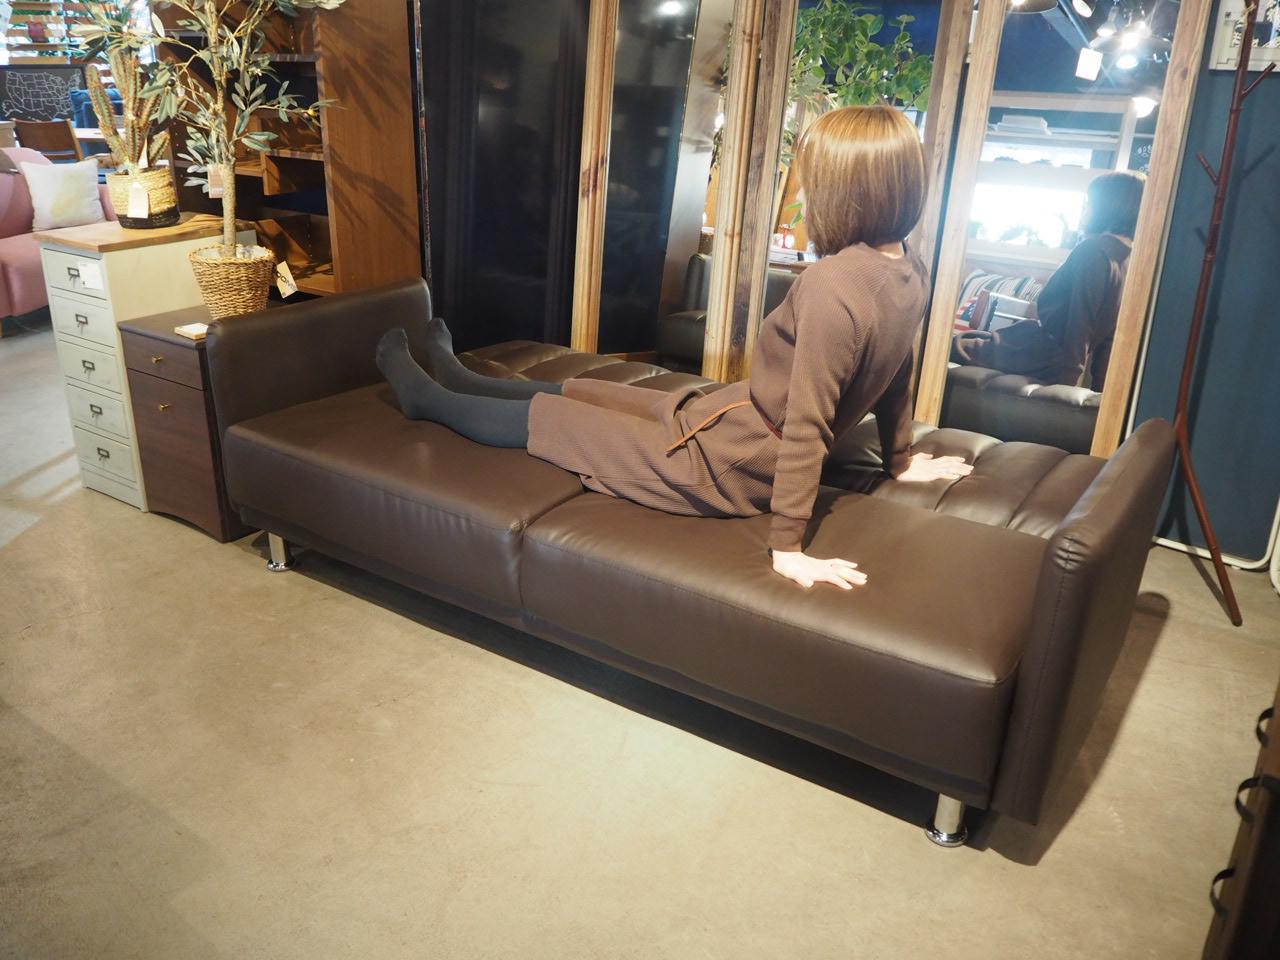 【BOOMS】個性派家具専門店ブームス 茨城県 つくば・取手~流行のおしゃれ家具&インテリア